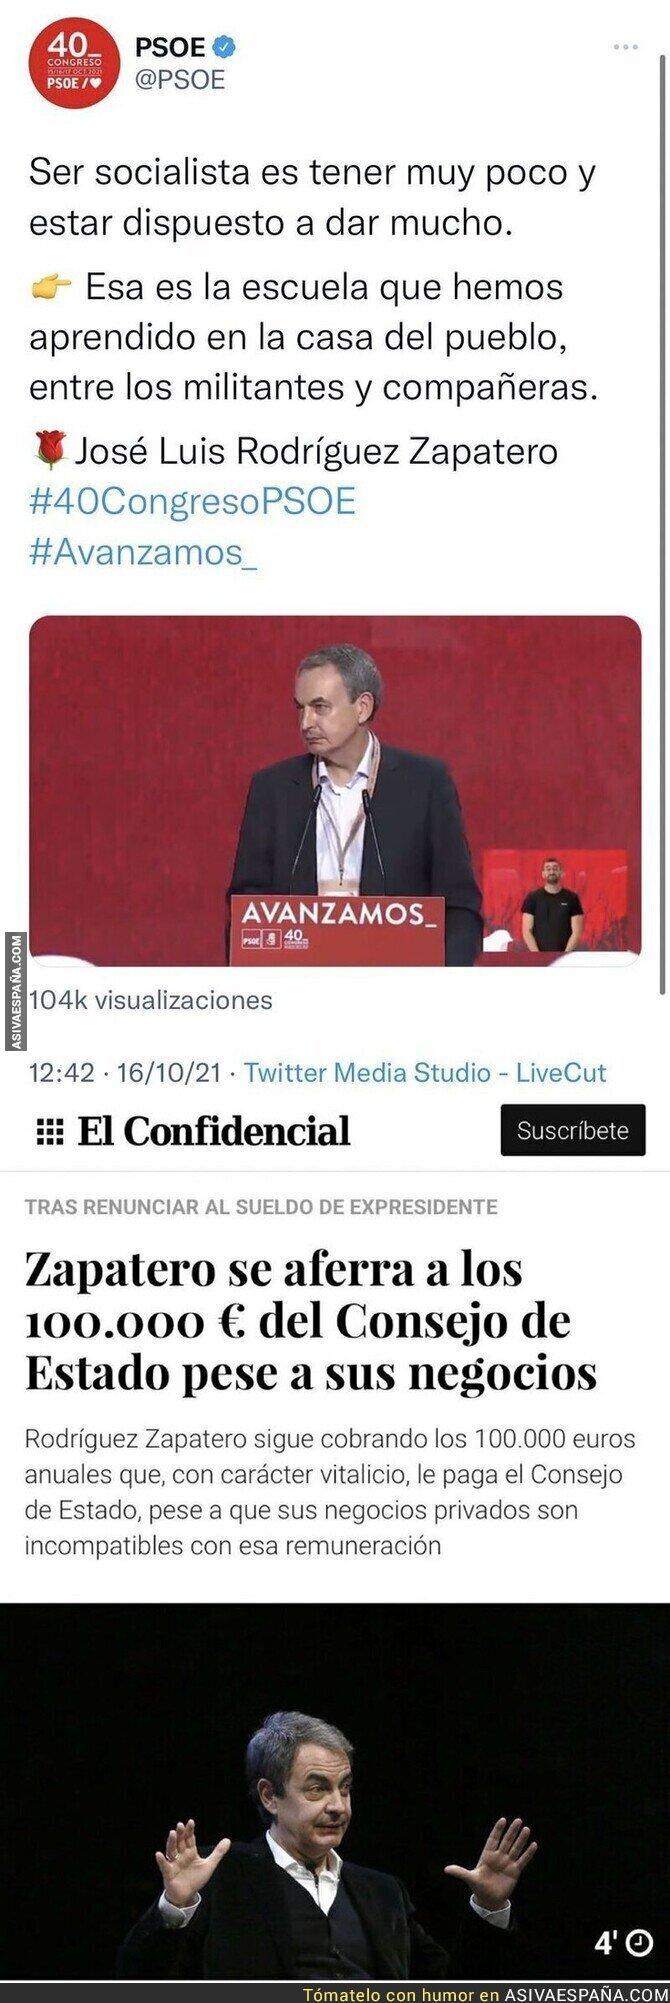 938165 - Lecciones de Zapatero que no aplica